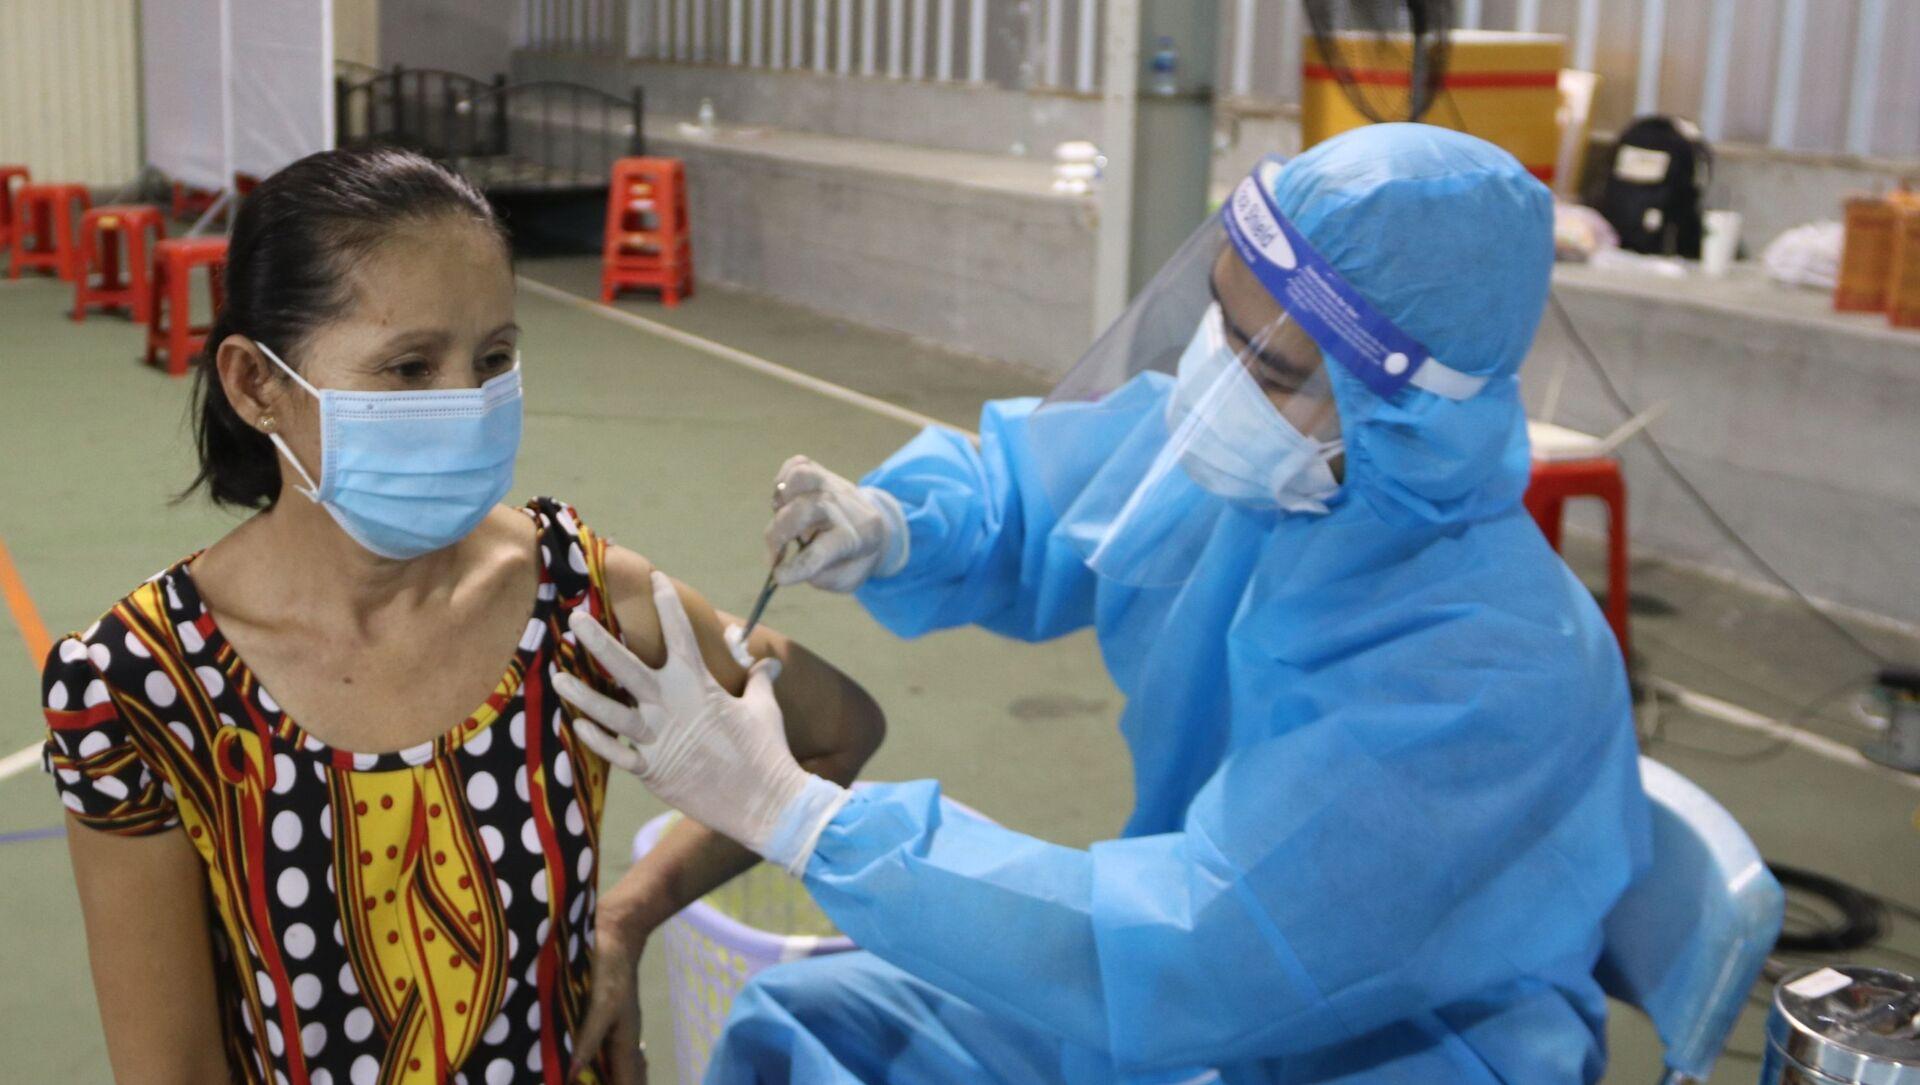 Tiêm vaccine Vero Cell của Sinopharm cho người dân TP.Hồ Chí Minh tại điểm tiêm số 1 Huyền Trần Công Chúa (Quận 1) - Sputnik Việt Nam, 1920, 17.08.2021